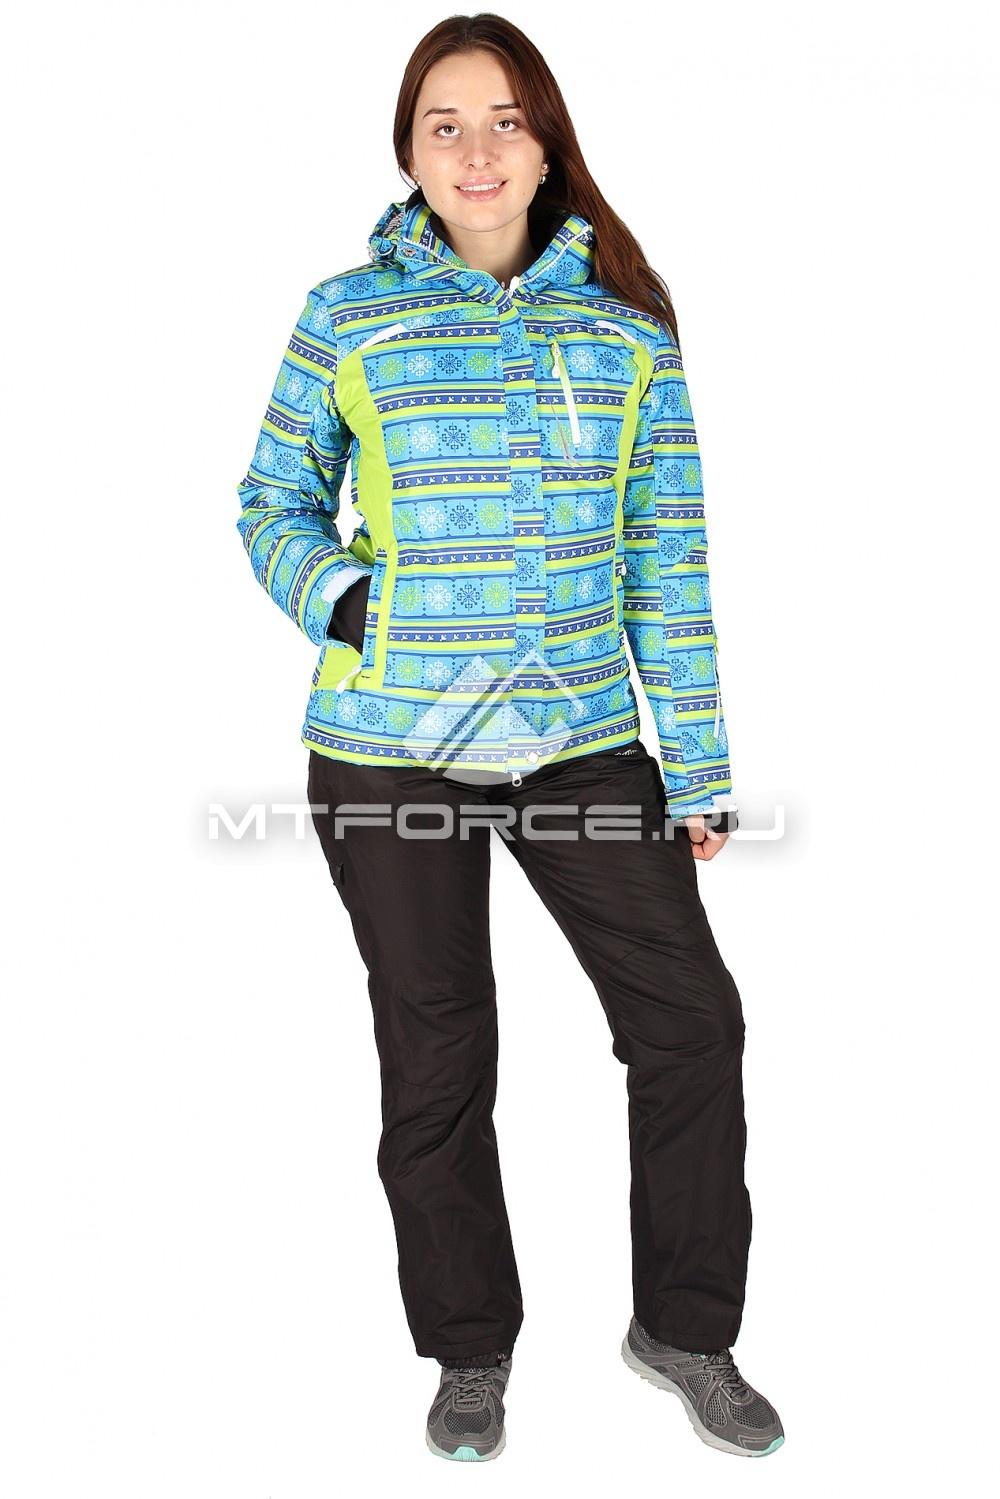 Купить                                  оптом Костюм горнолыжный женский голубого цвета 01513-1Gl